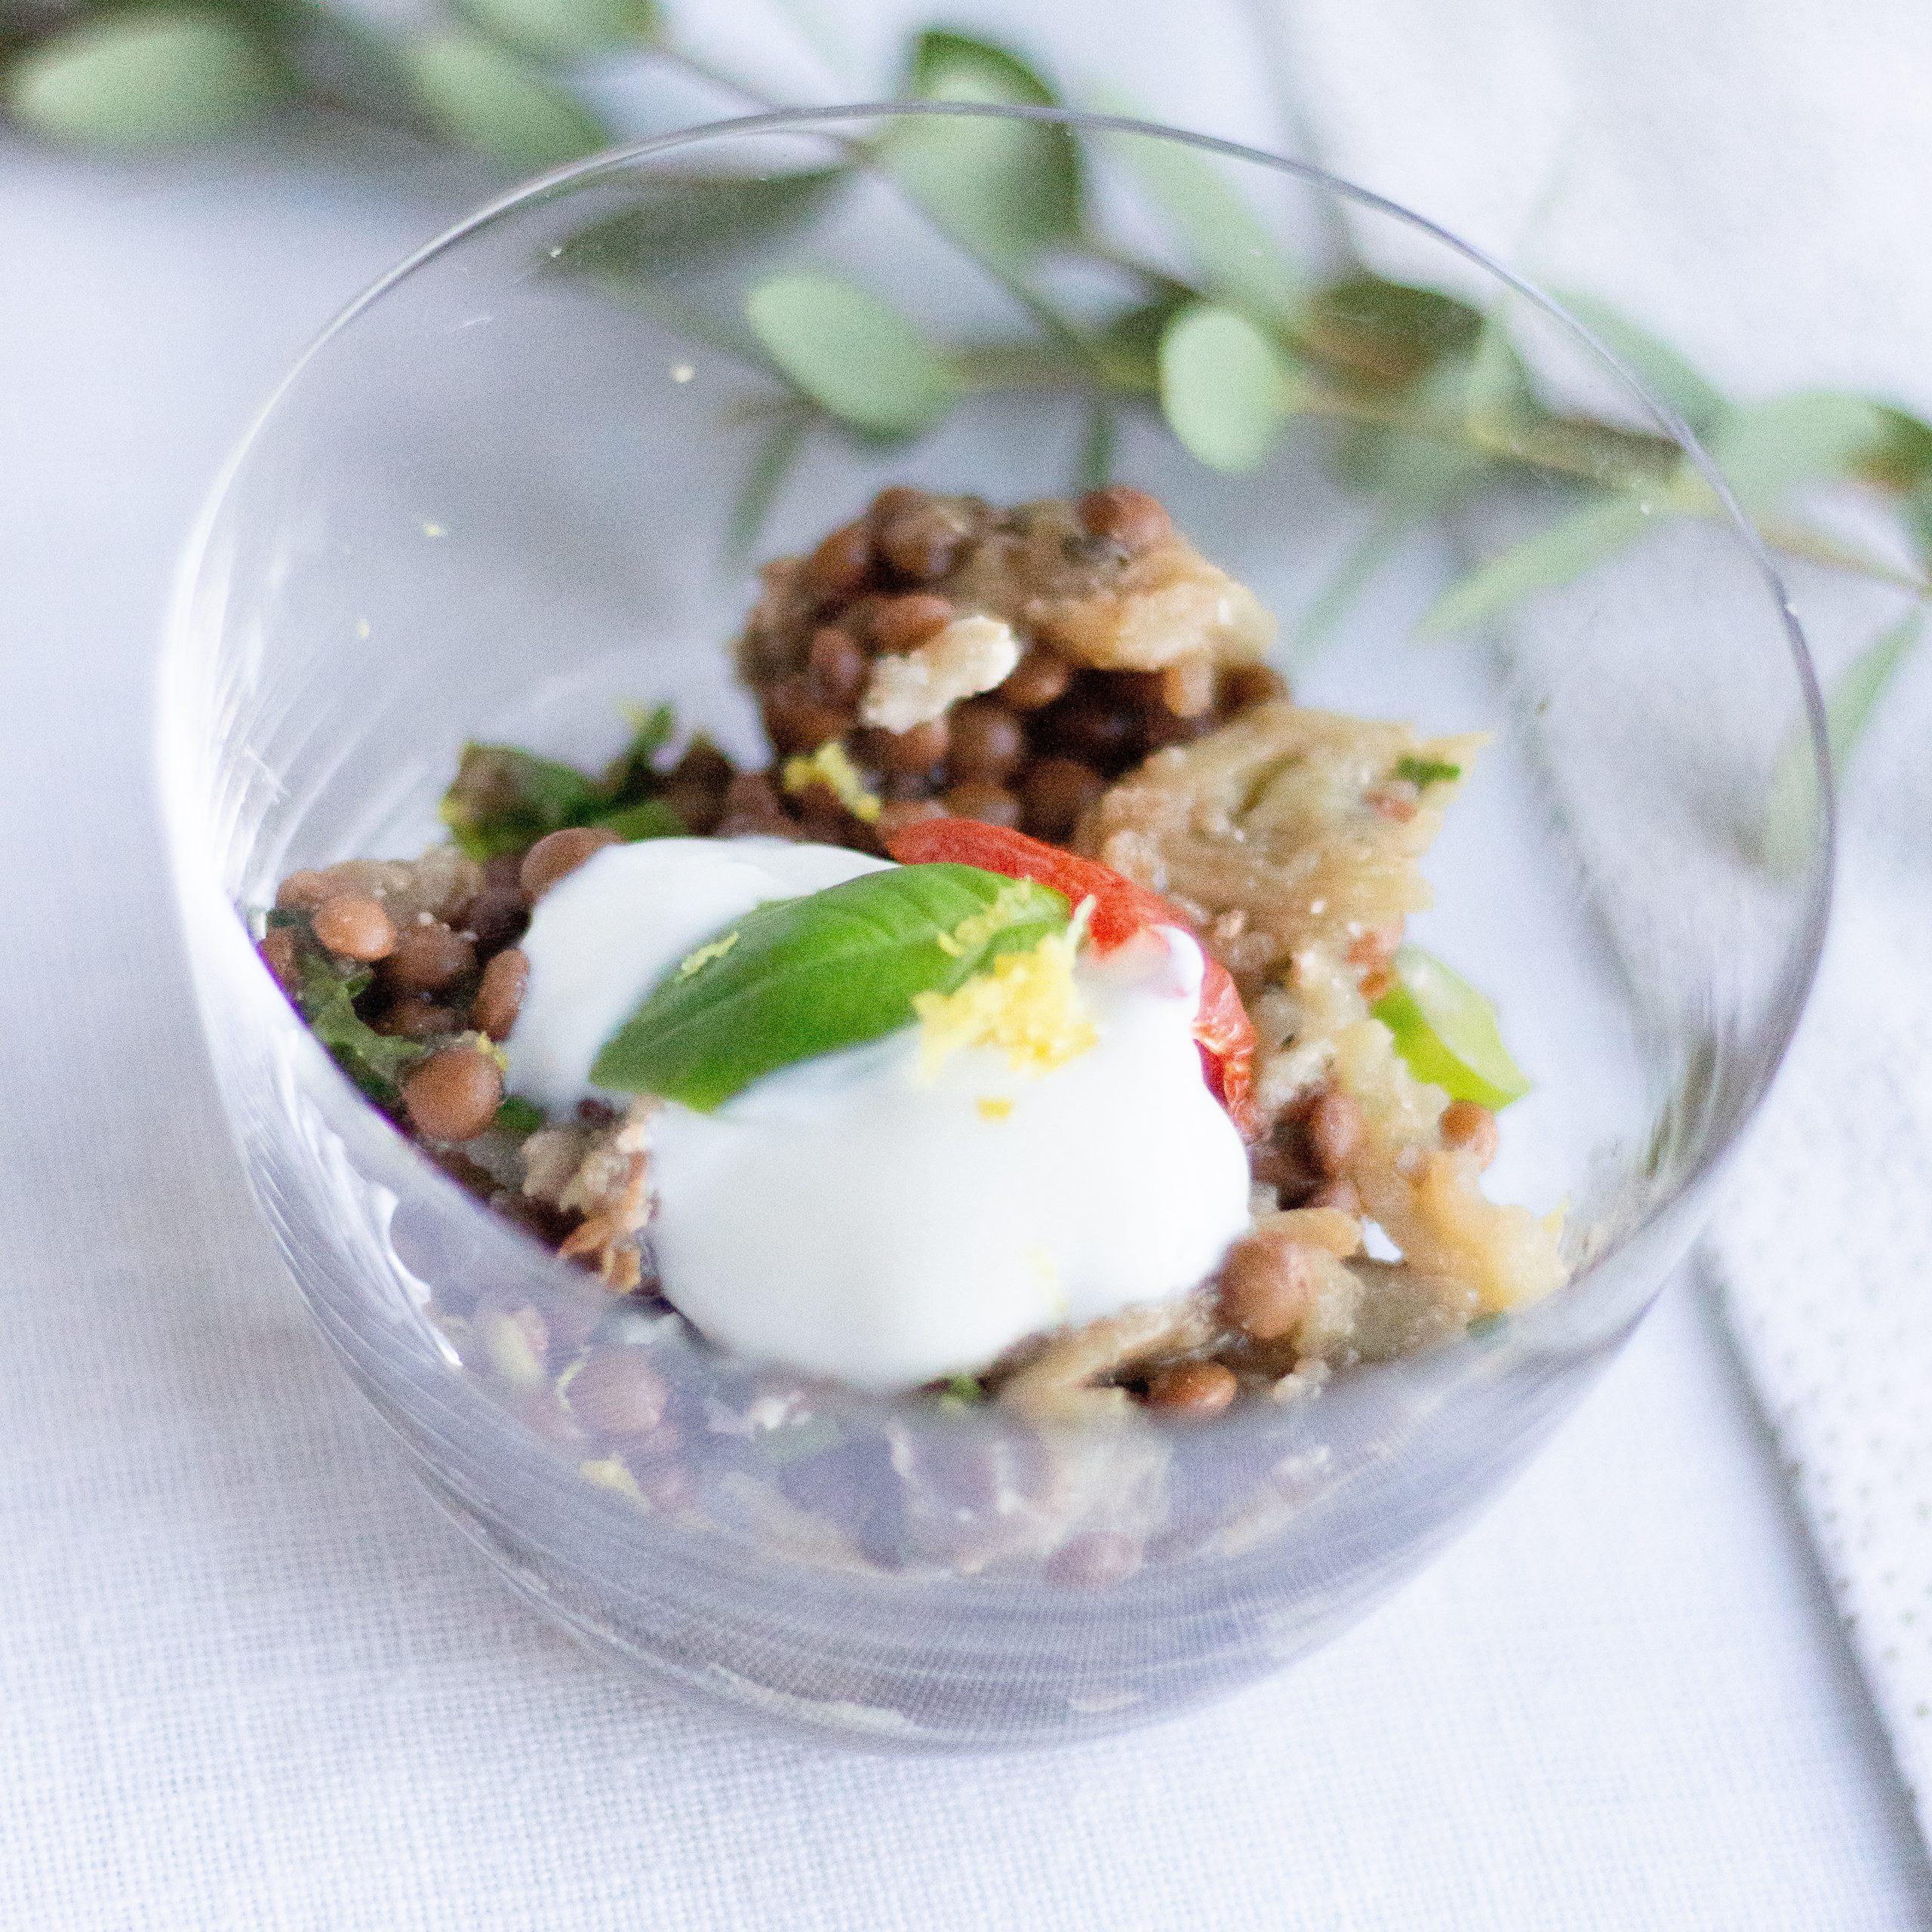 Hapje met gepofte aubergine, linzen en kerstomaat